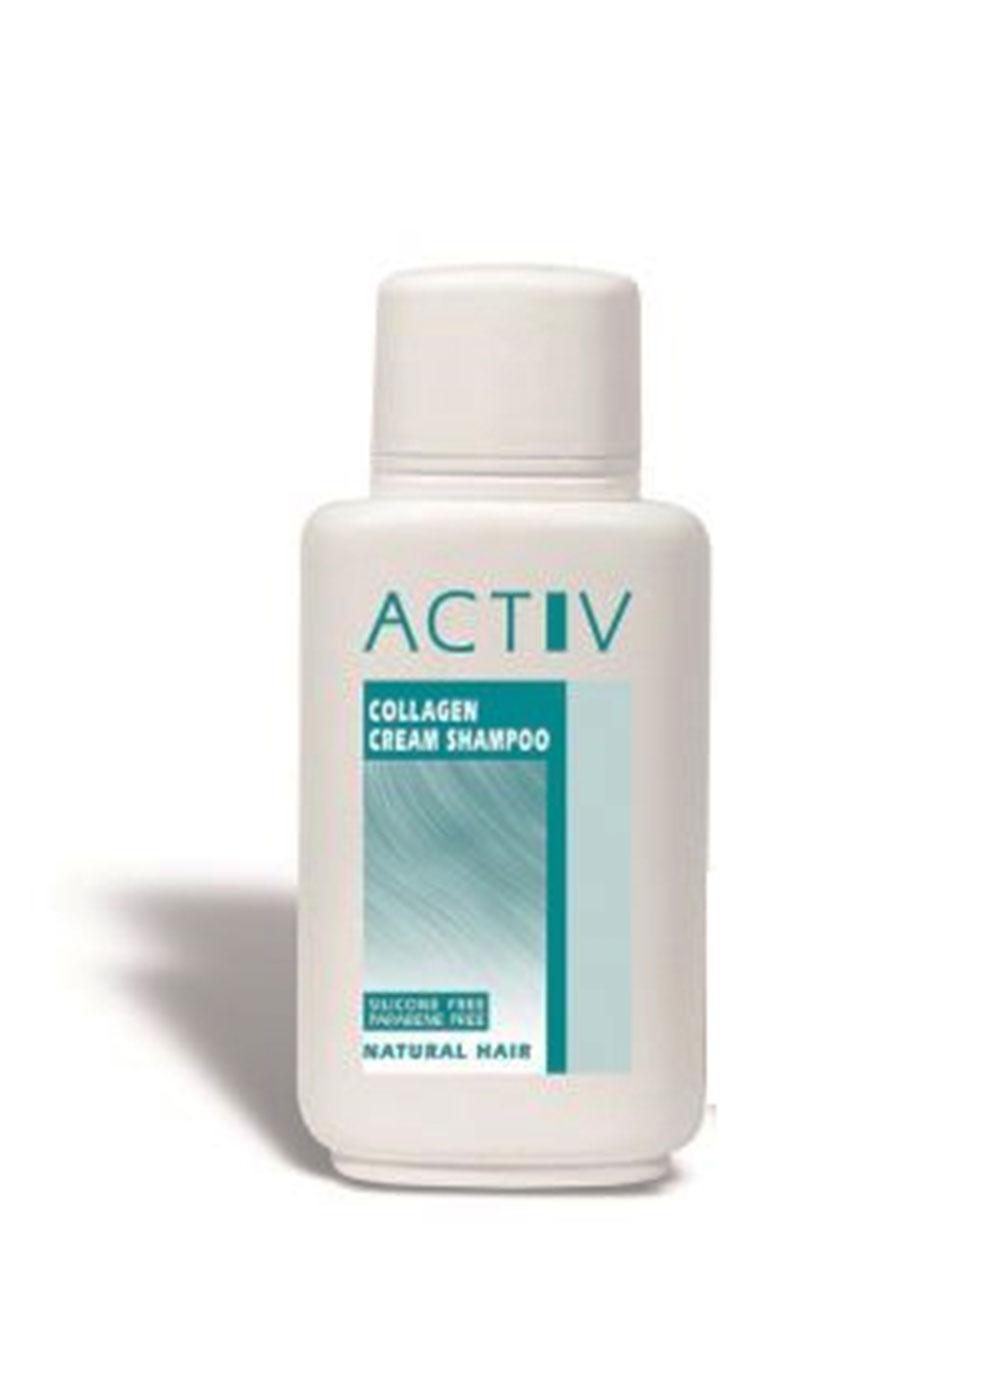 GFH Zubehör - Activ Collagen Cream Shampoo Echthaar 200ml